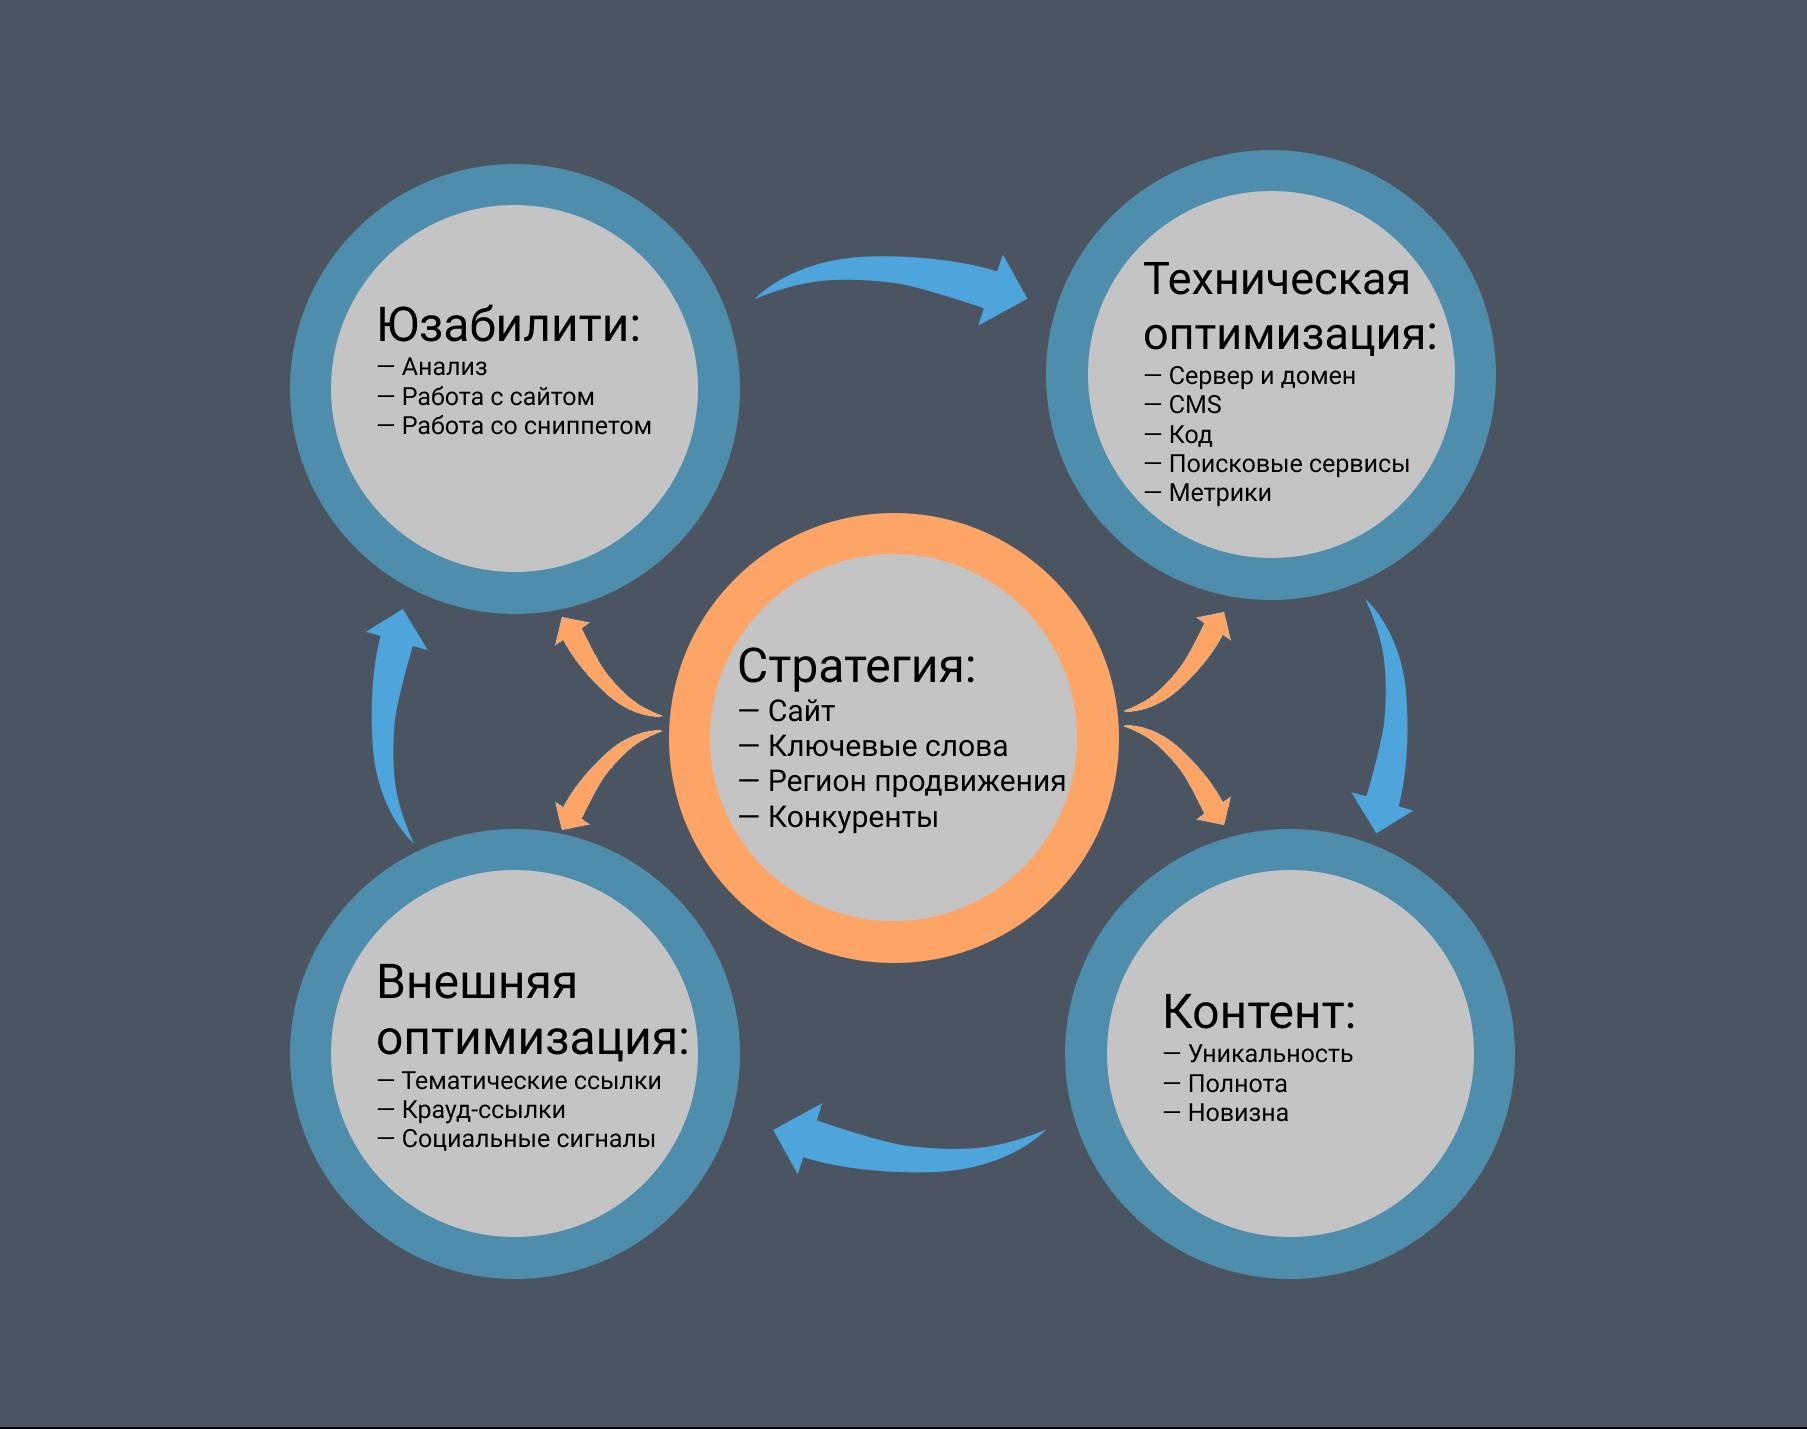 Анализ качества продвижения сайта сайт оао объединенная регистрационная компания